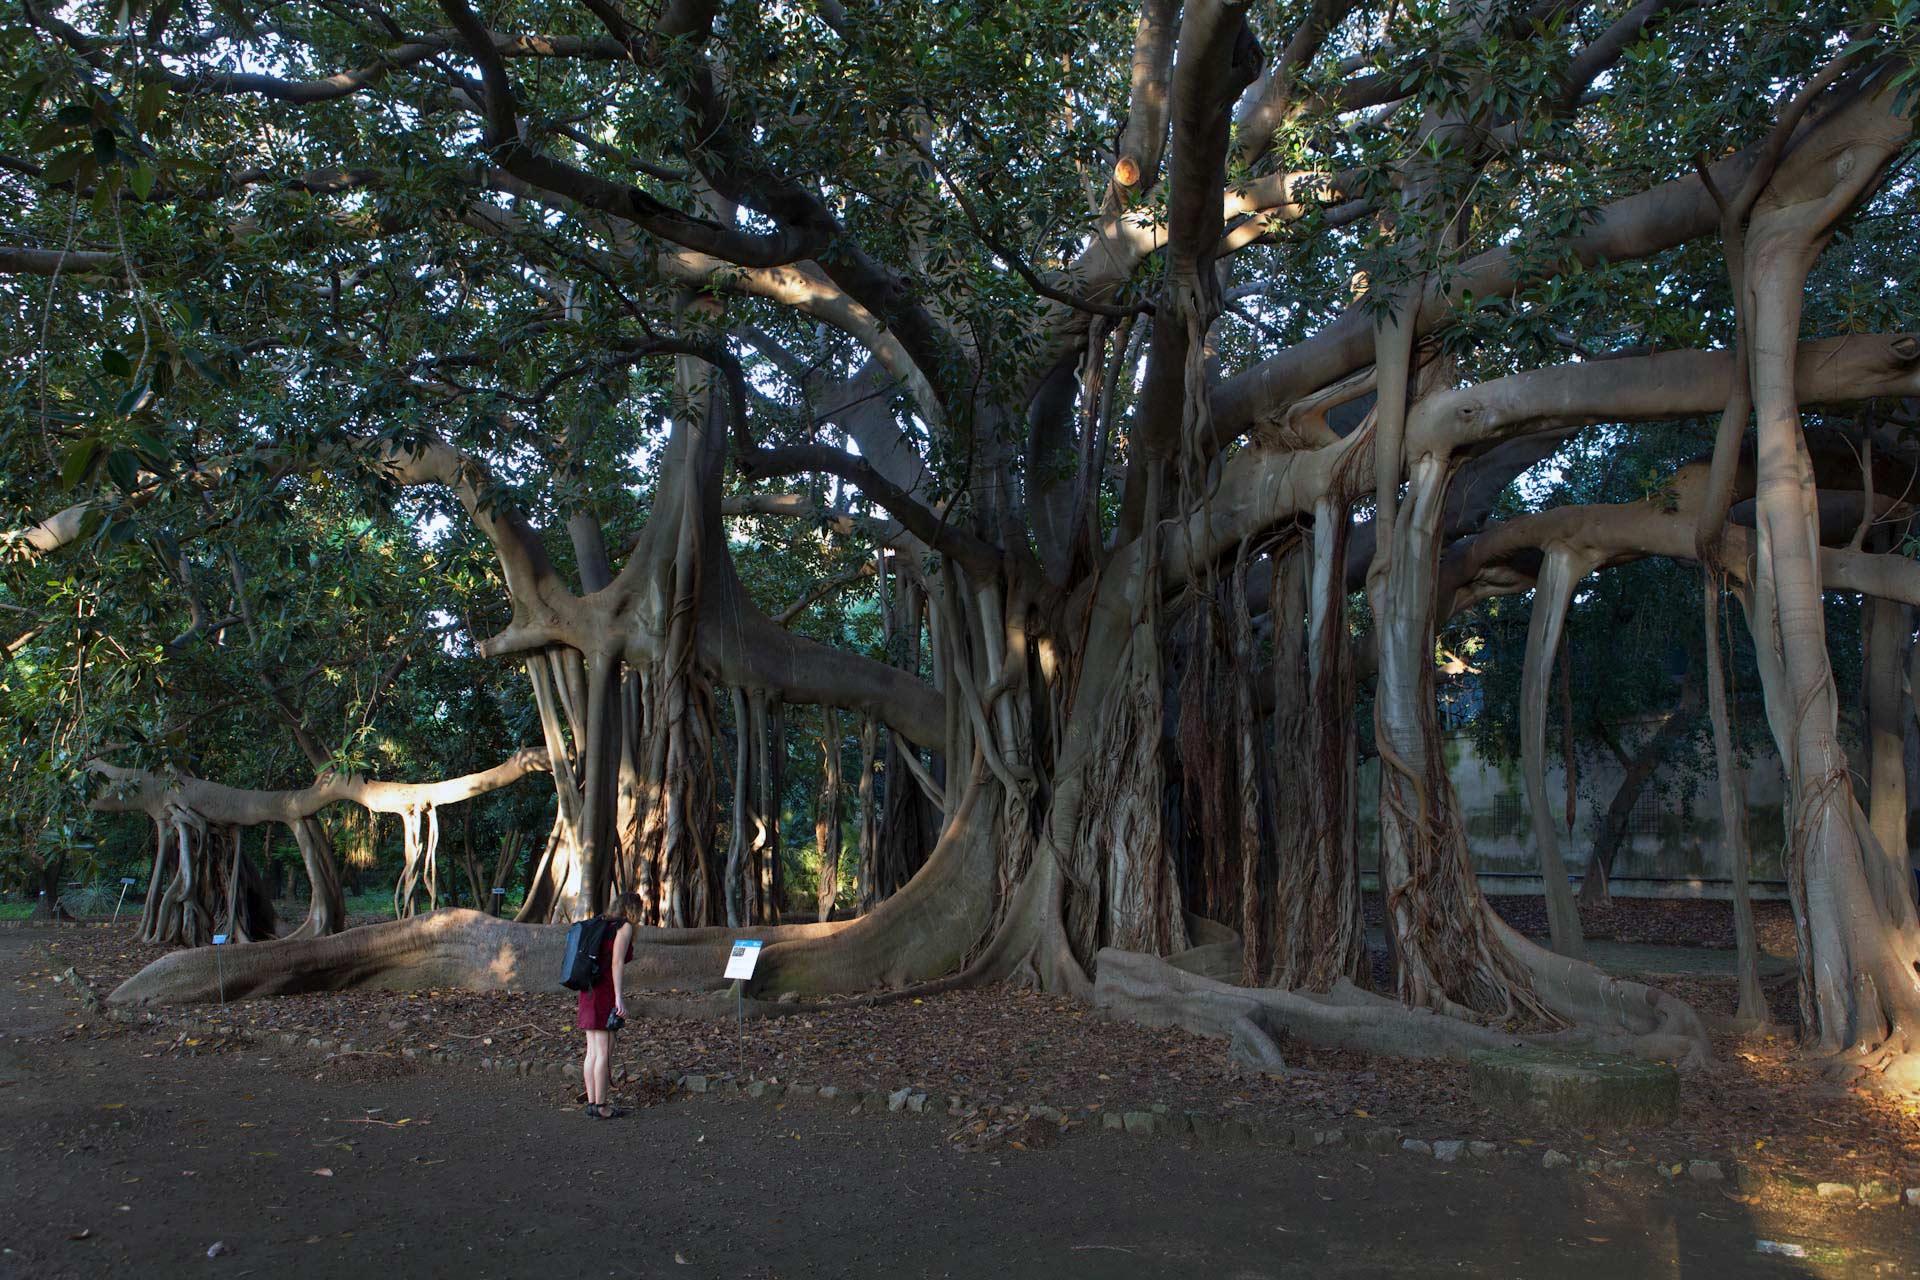 Ein riesiger Banyan-Baum (Ficus benghalensis) im Orto Botanico, dem Botanischen Garten von Palermo – A huge Banyan tree (Ficus benghalensis) in the Orto Botanico, the botanical garden of Palermo